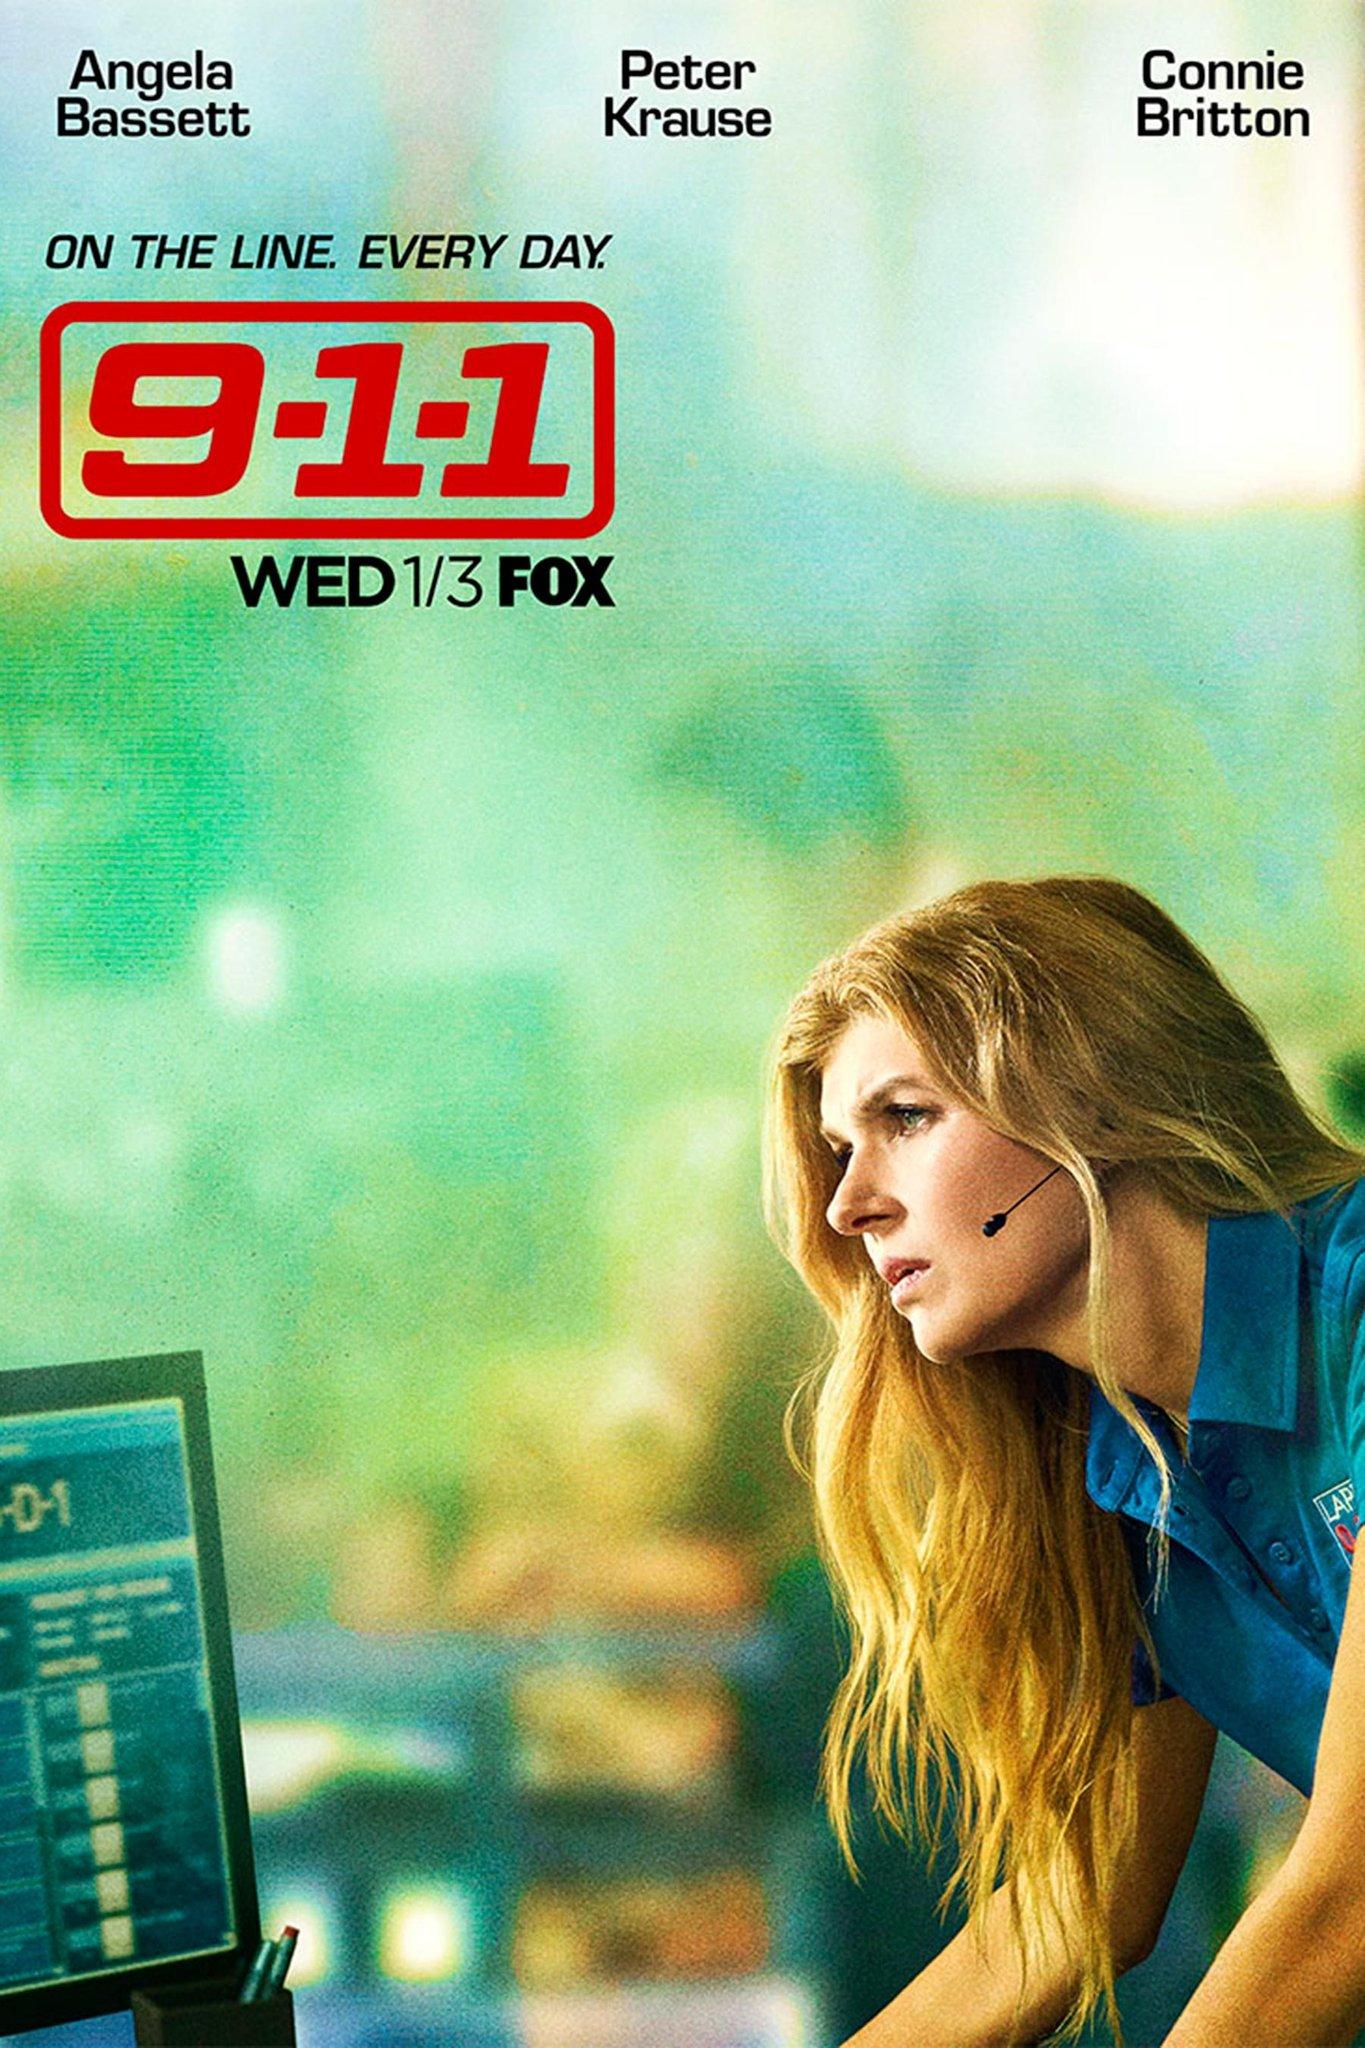 9-1-1  S01E10 HD 720p – 480p [English]